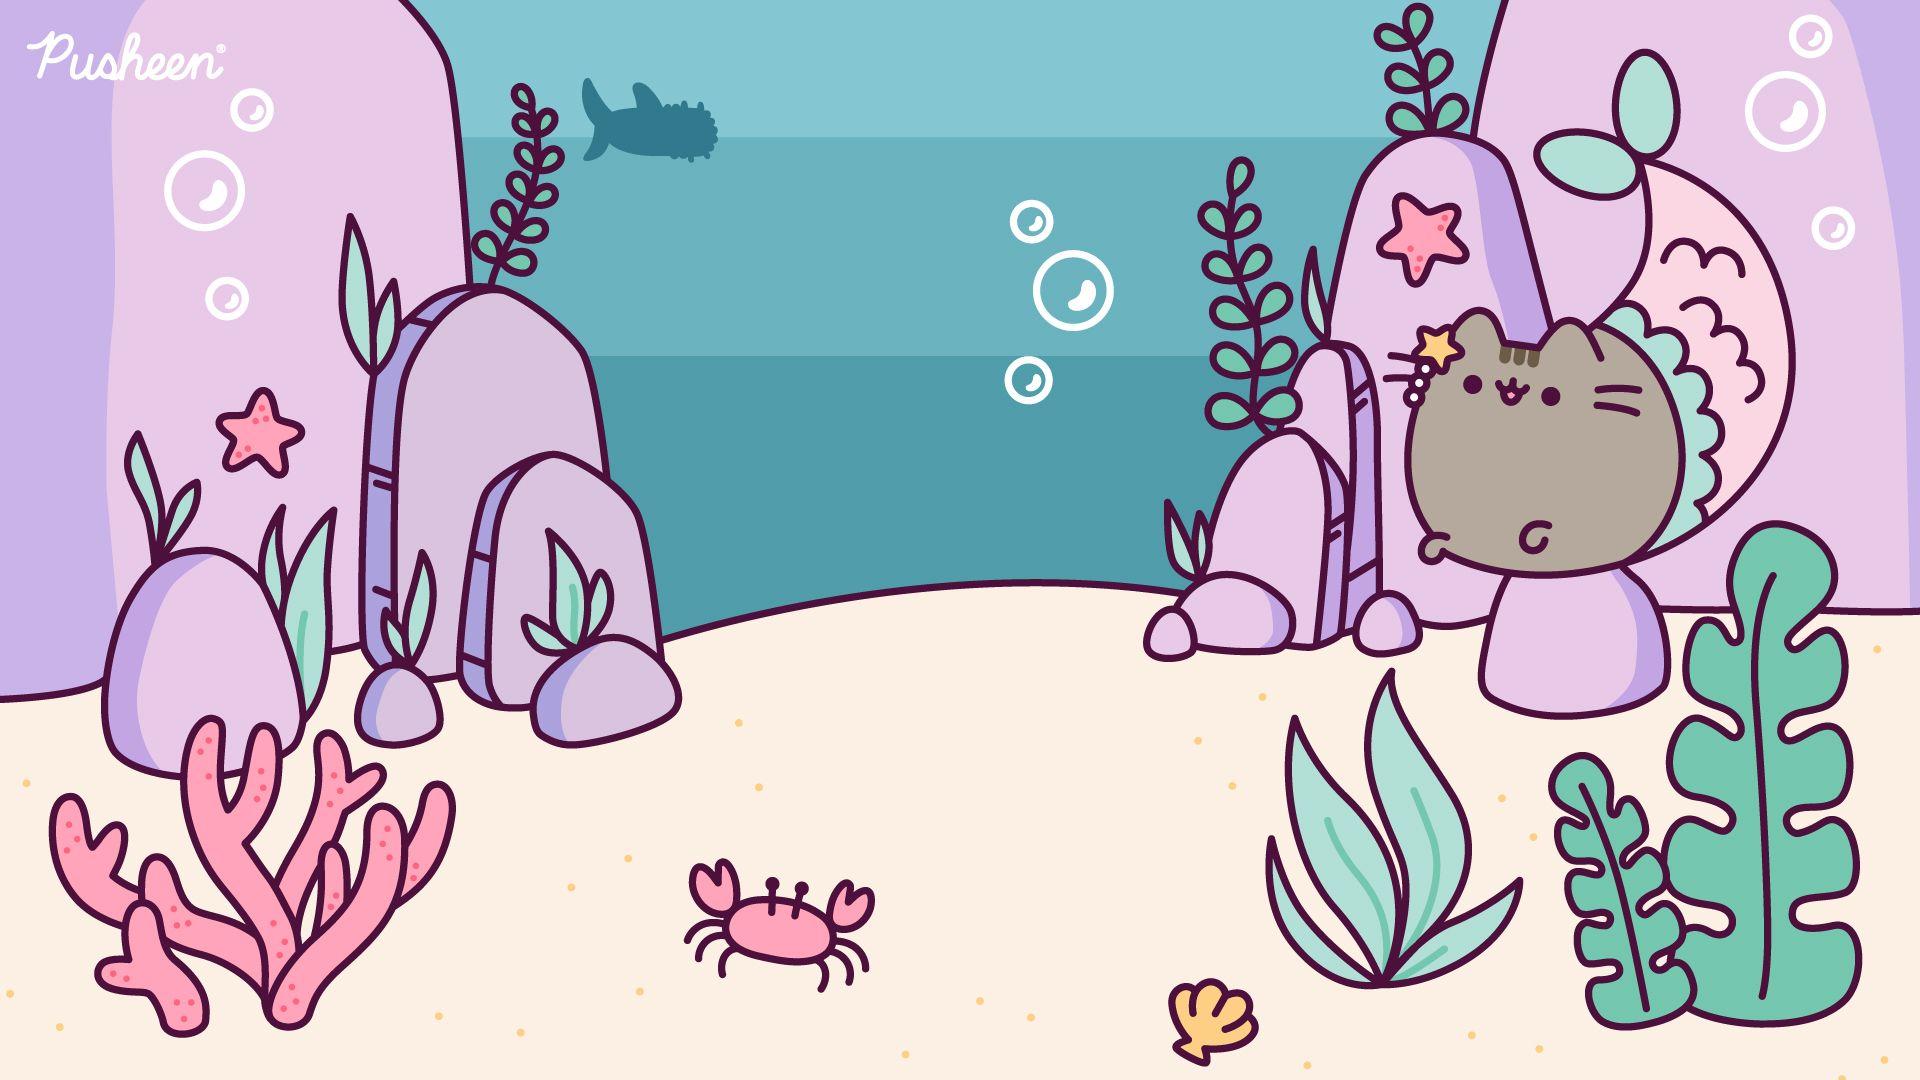 Pusheen Zoom Backgrounds Pusheen Pusheen Cat Mermaid Pusheen Cute Cute Desktop Wallpaper